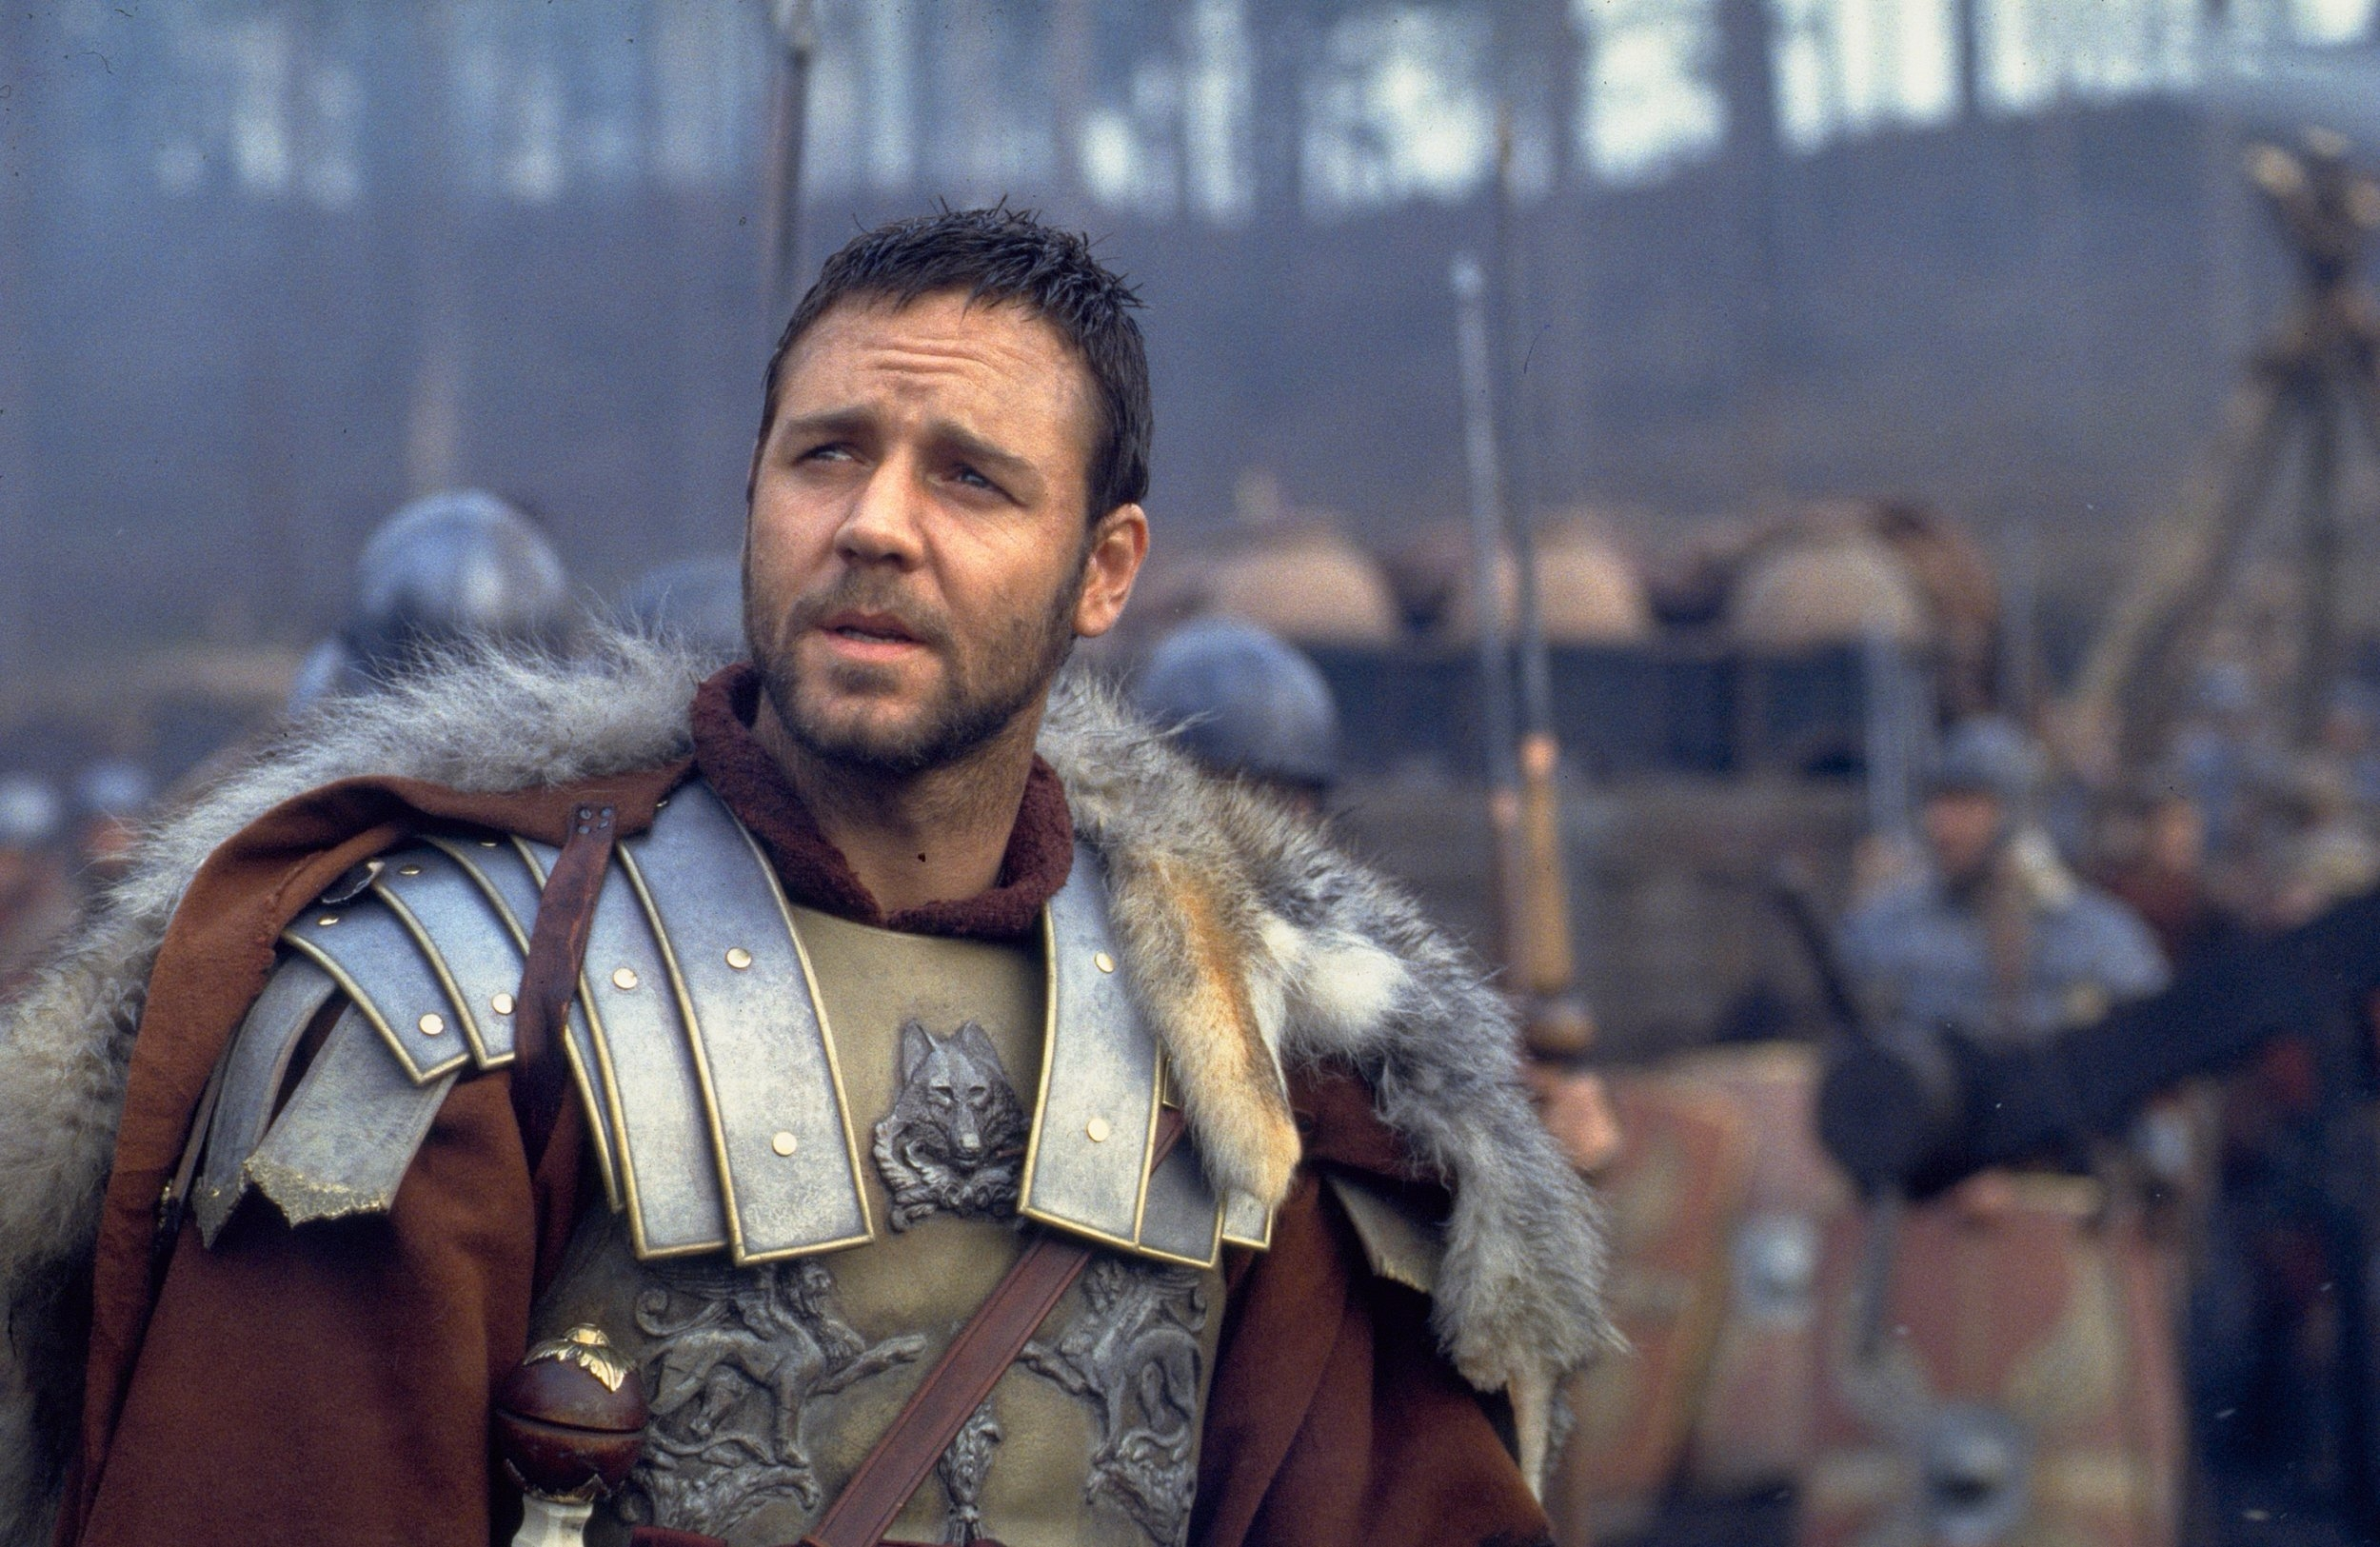 smotret-filmi-gladiator-filmi